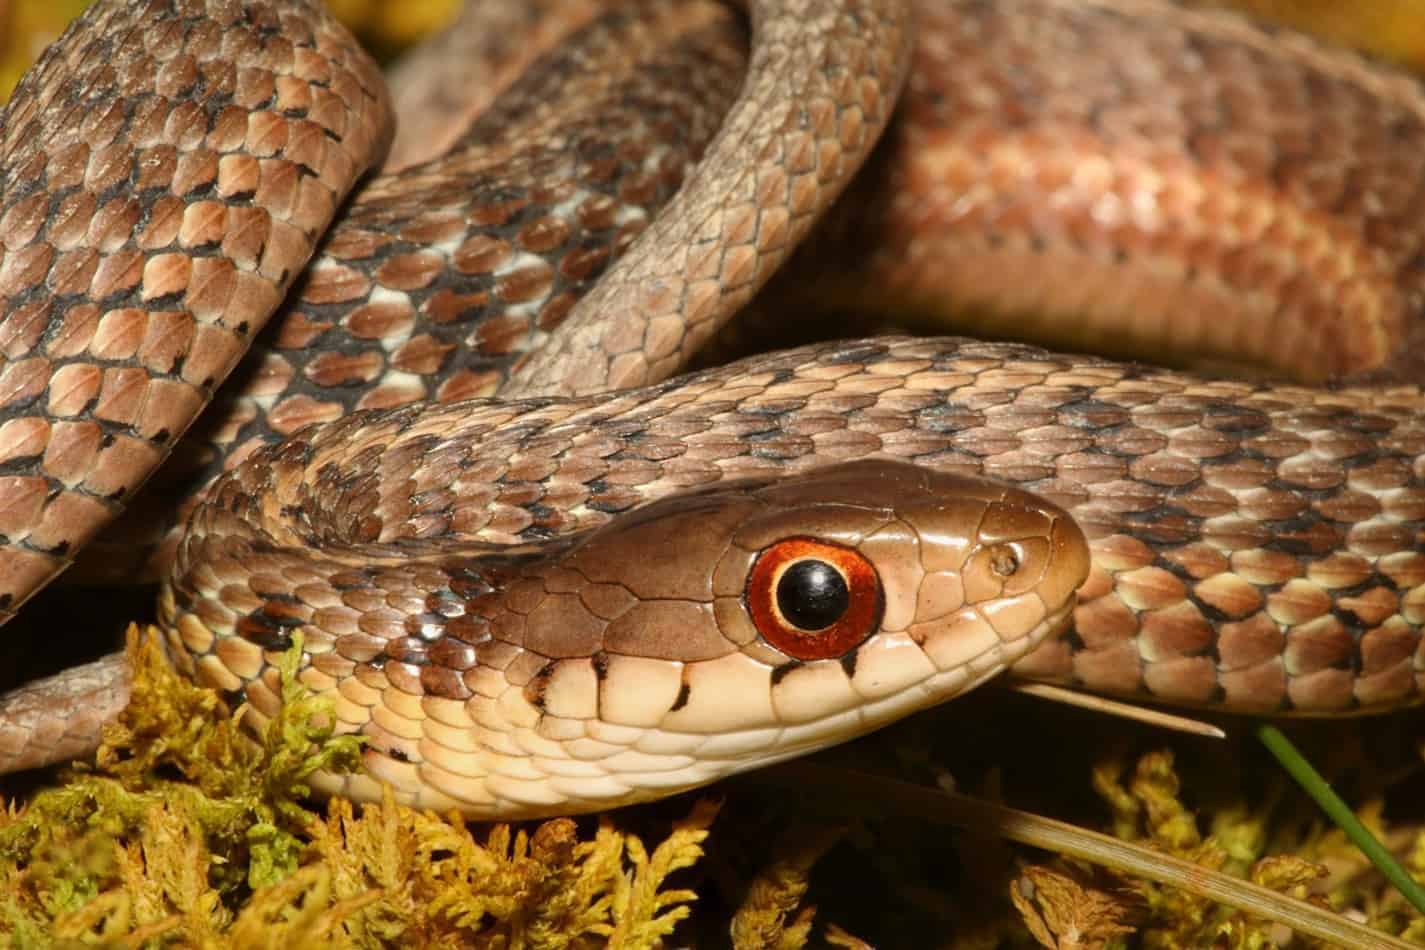 What Do Garter Snakes Eat?